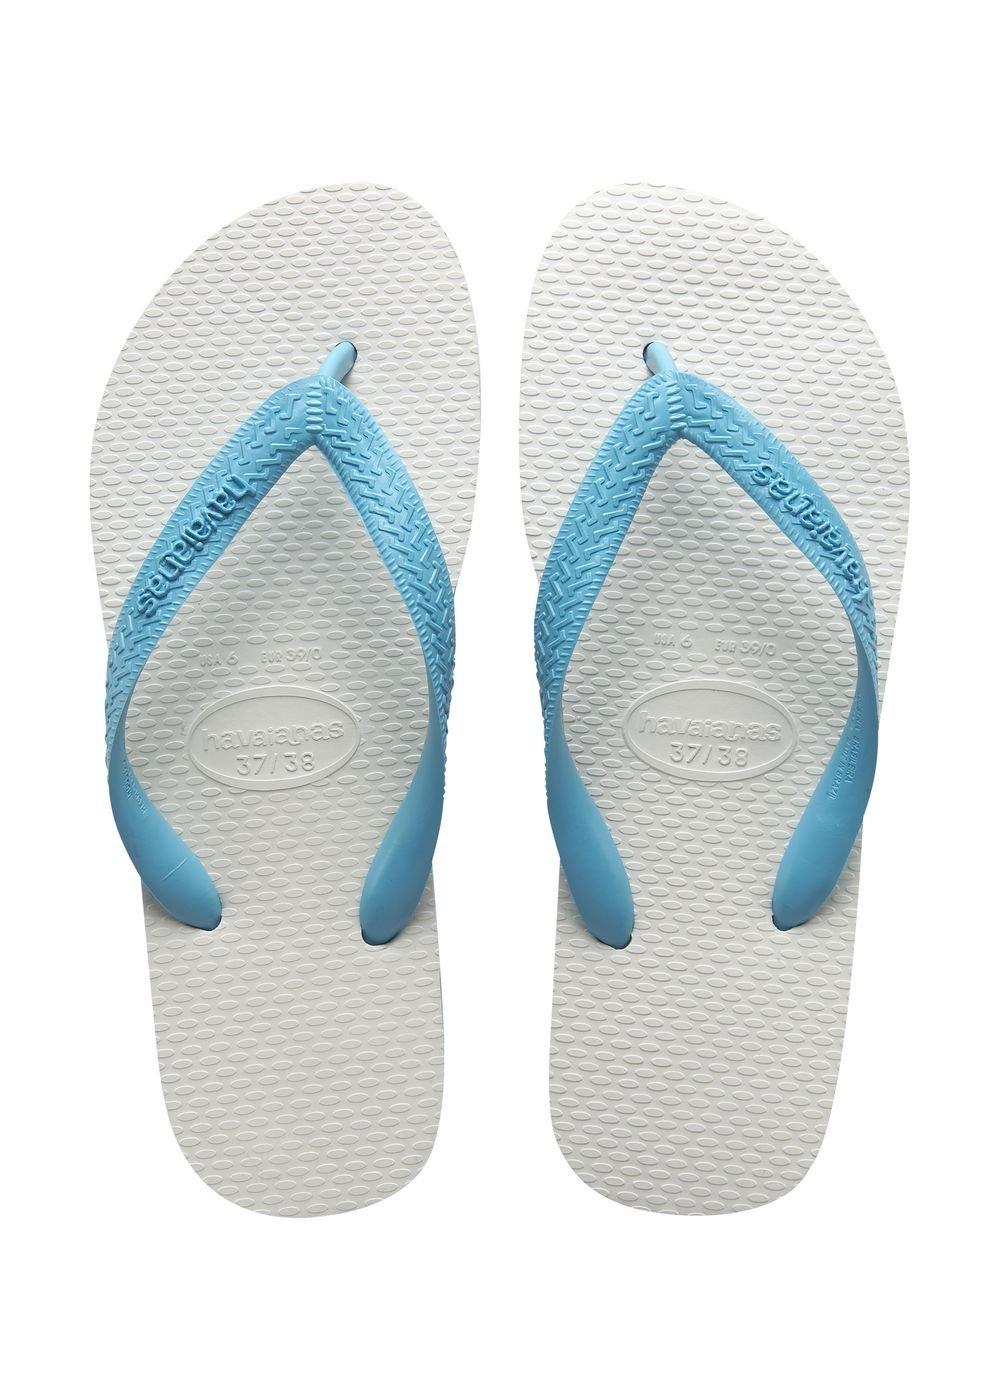 Havaianas Flip Flops Tradicional Zehentrener fuuml;r Mauml;nner/Frauen  43/44 EU (41/42 Brazilian)|Blau 0031